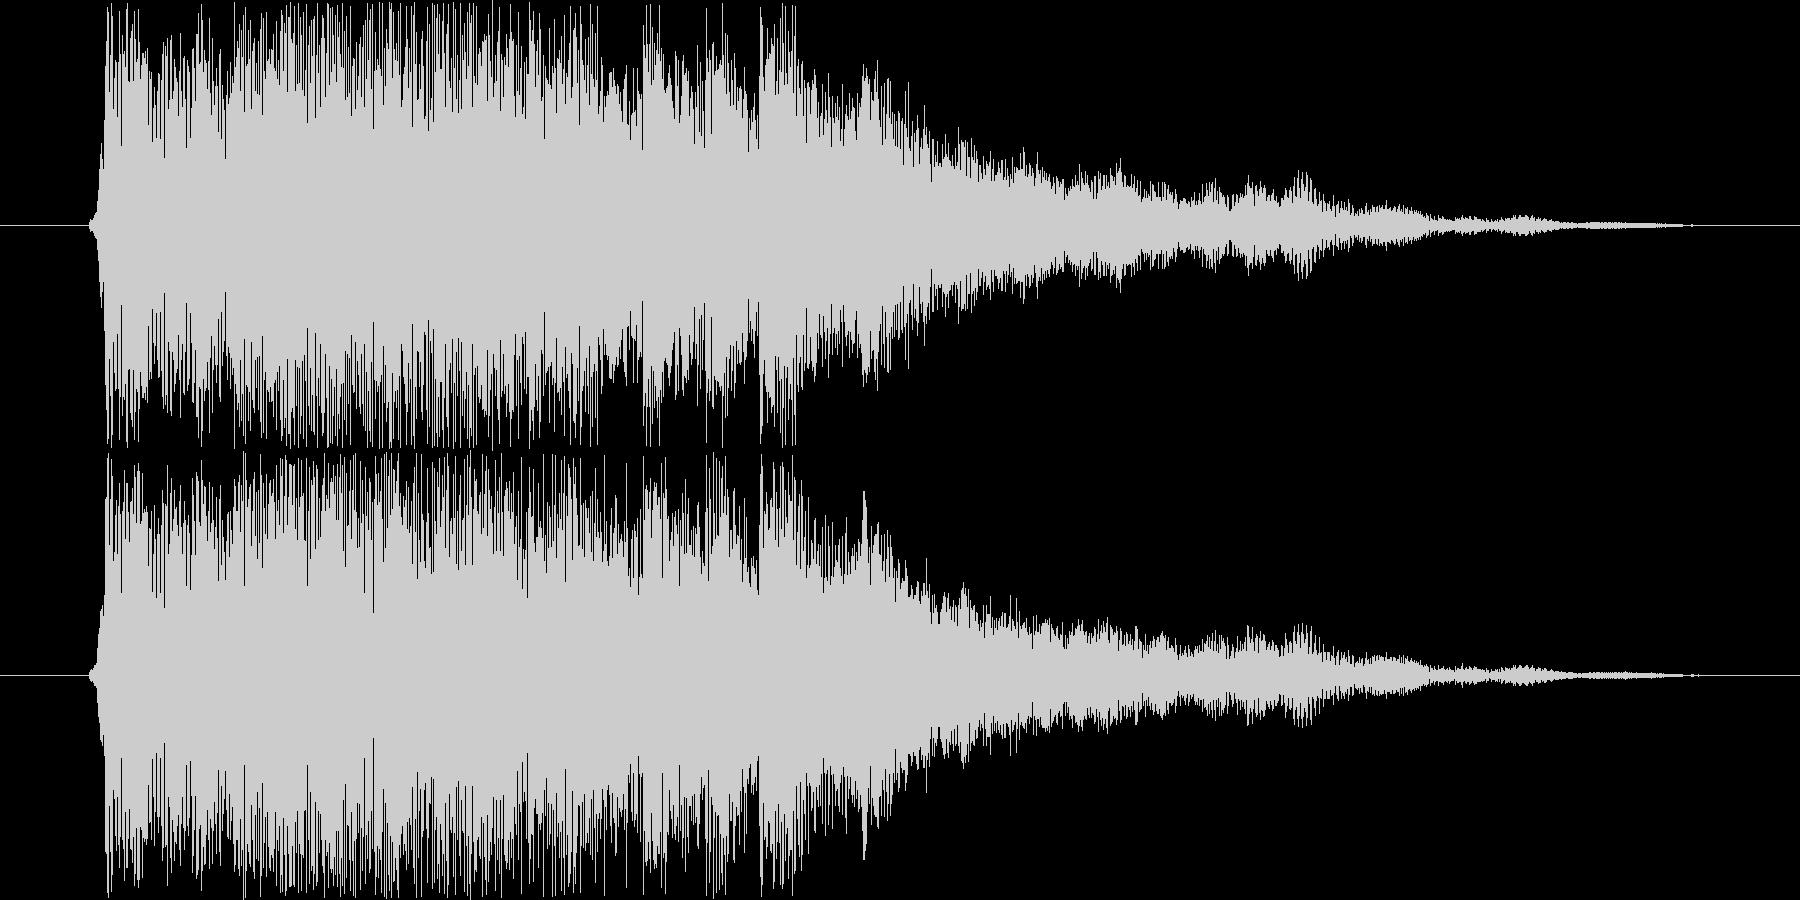 ベルとストリングスのジングルの未再生の波形